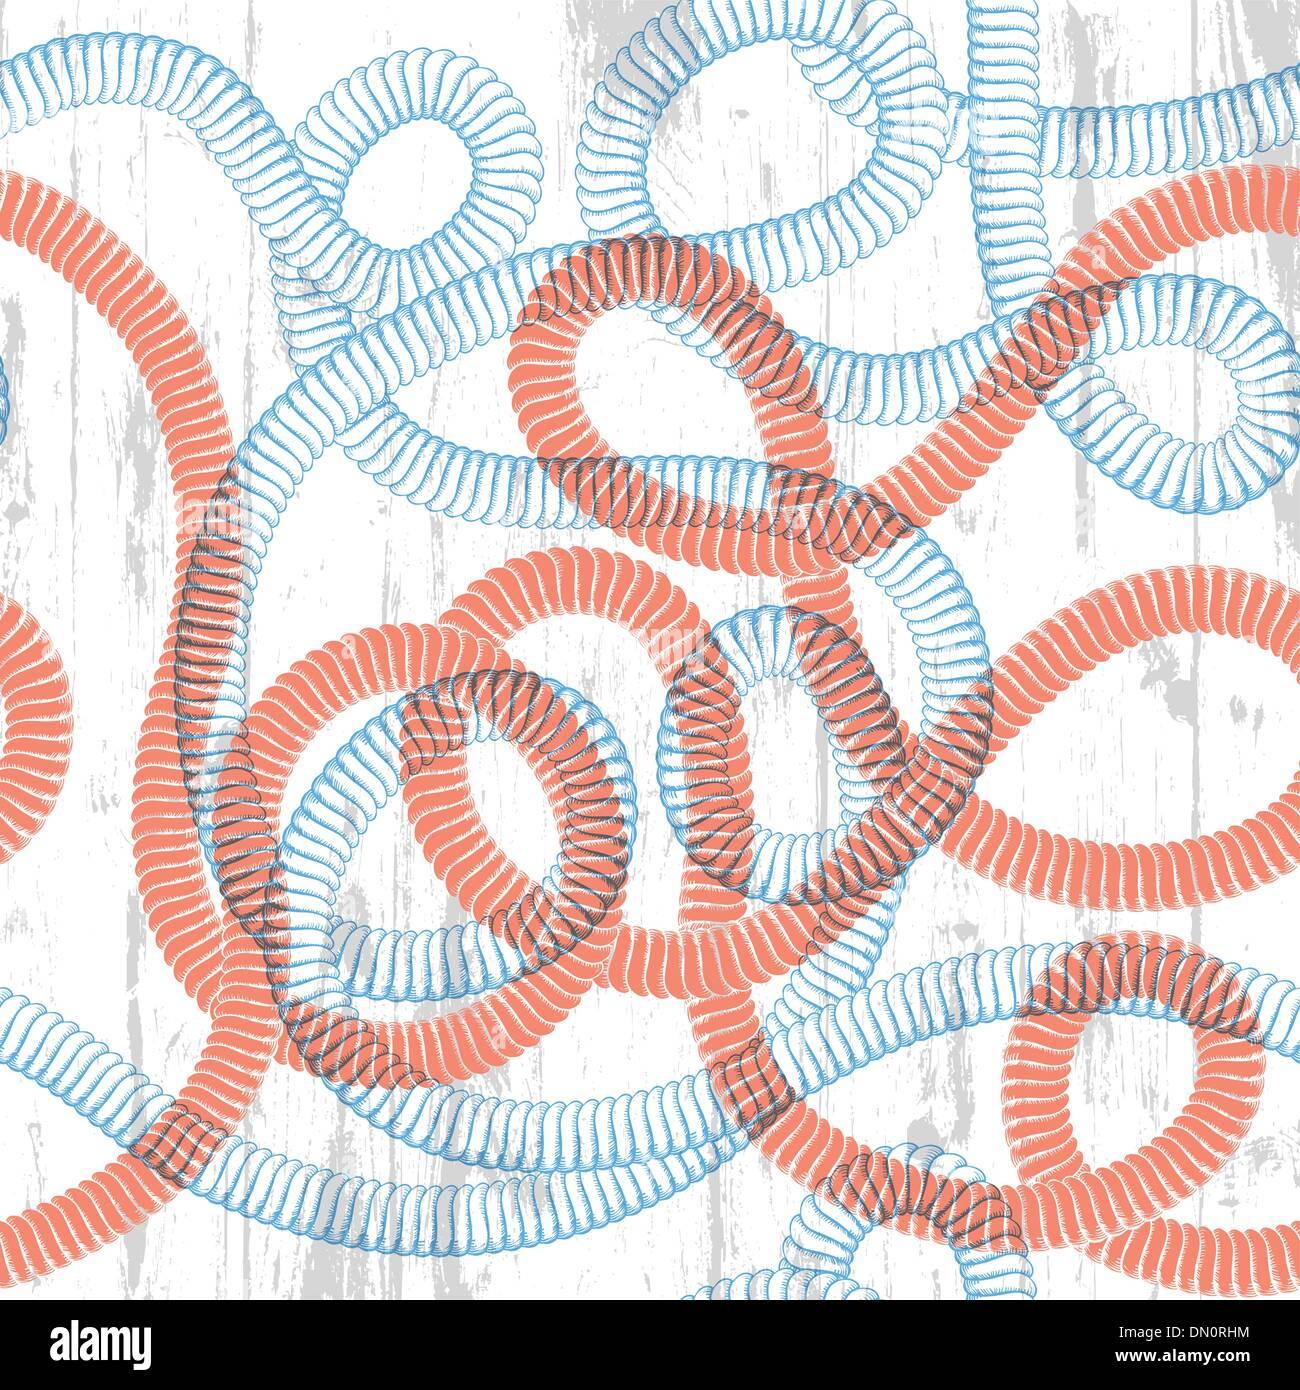 Corda seamless texture. Sailor a tema sfondo astratto. Vettore Immagini Stock